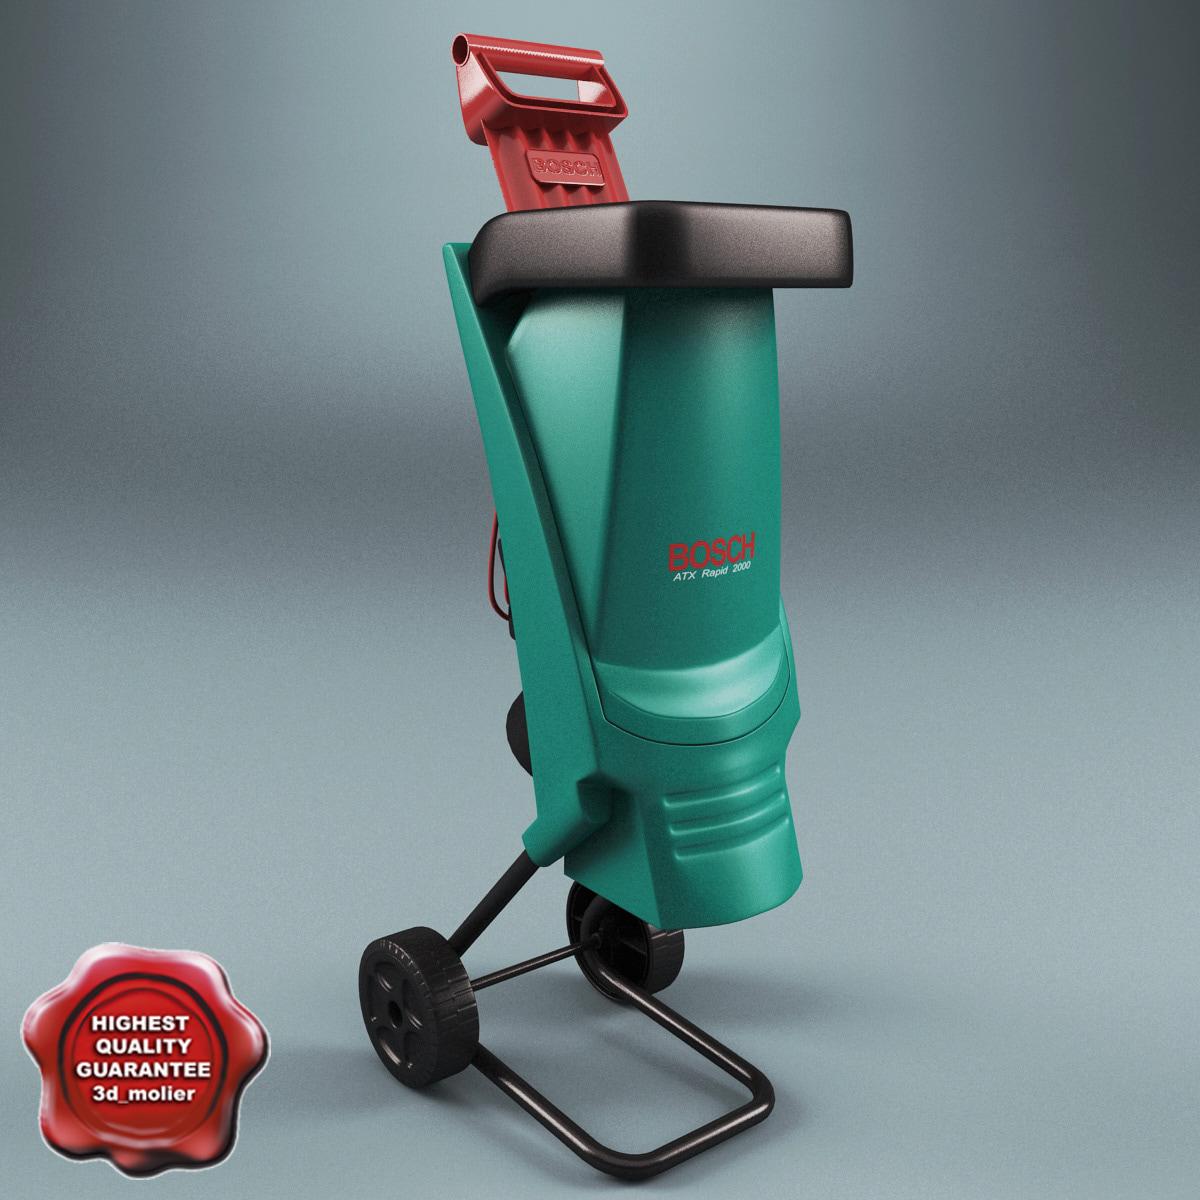 Electric_Shredder_Bosch_AXT_Rapid_2000_00.jpg